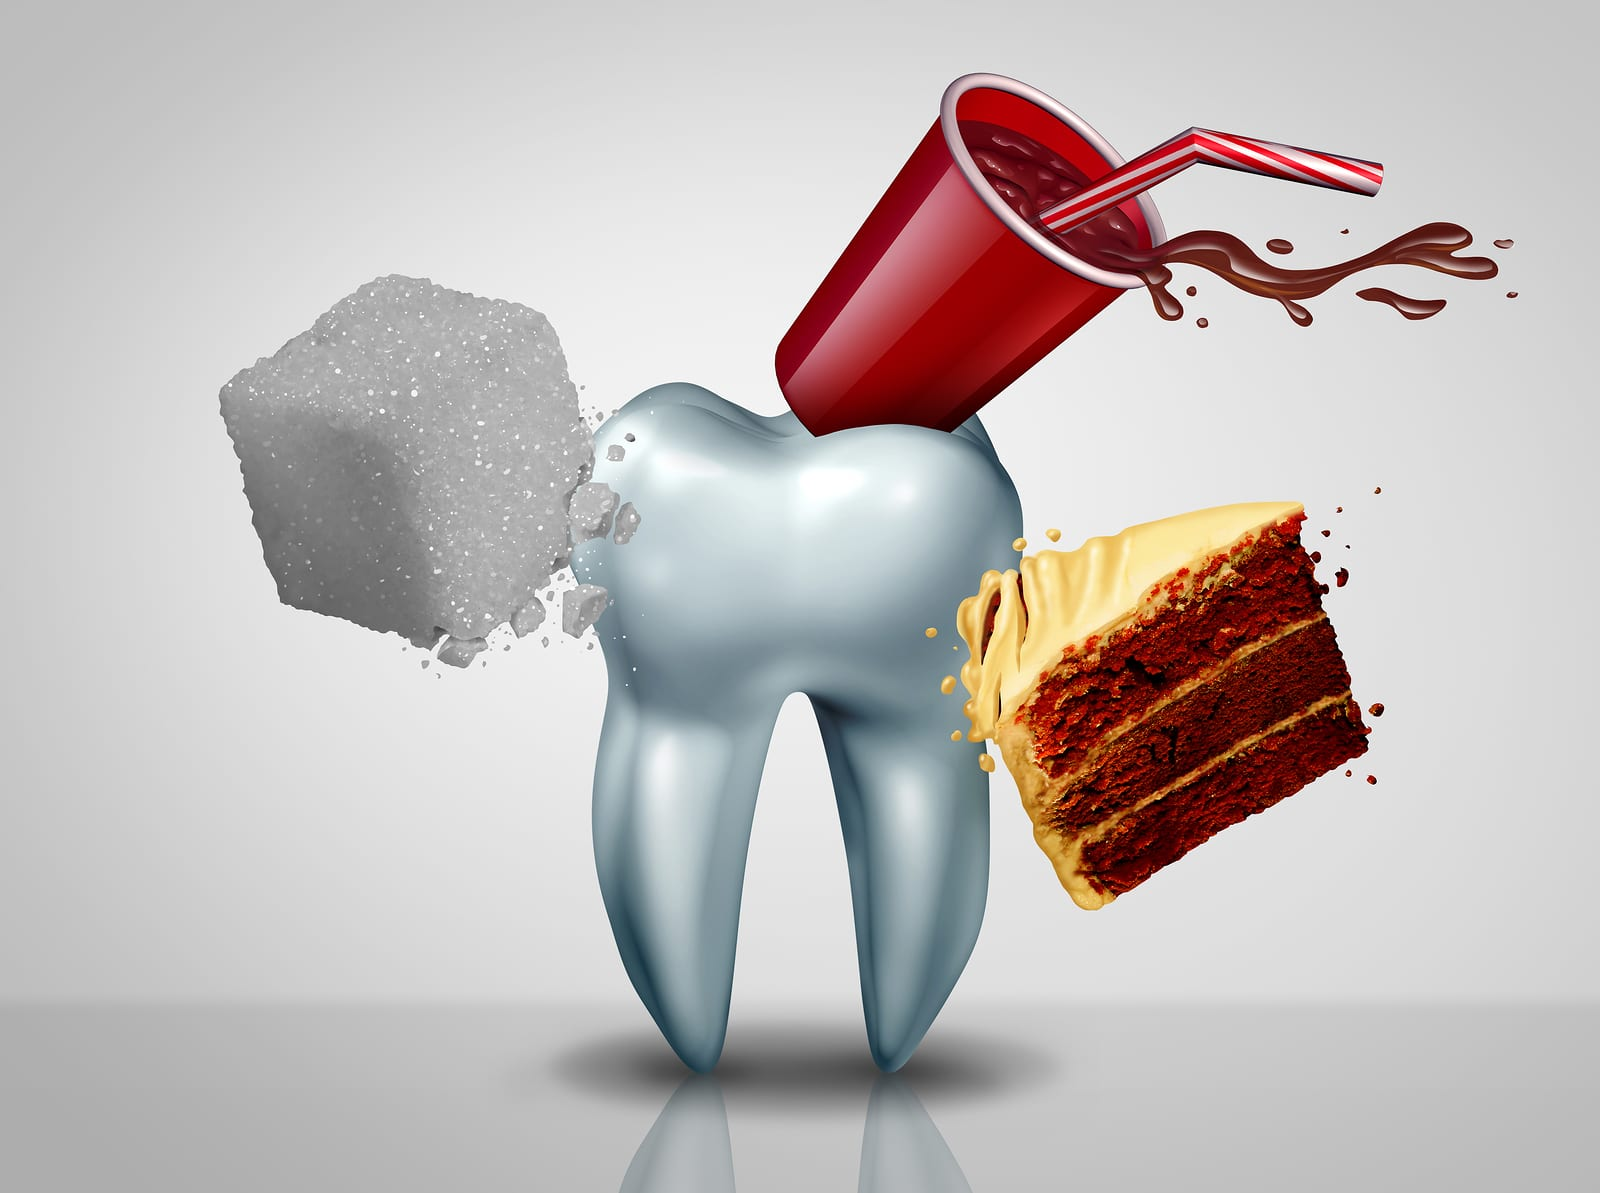 effects of sugar on teeth